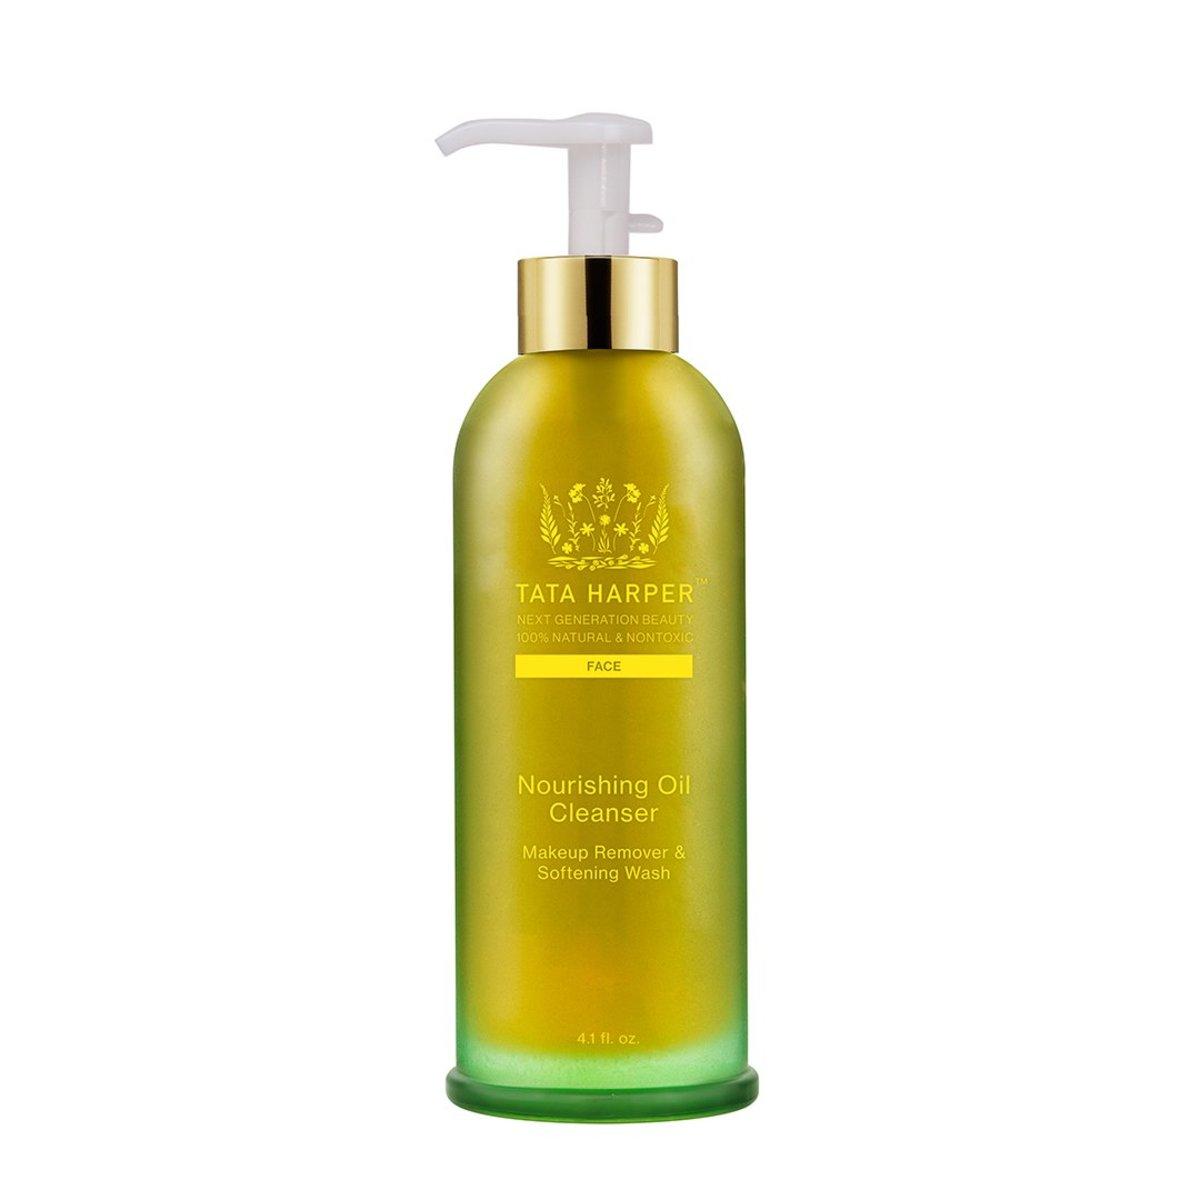 nourishing-oil-cleanser-1080x1080_2000x